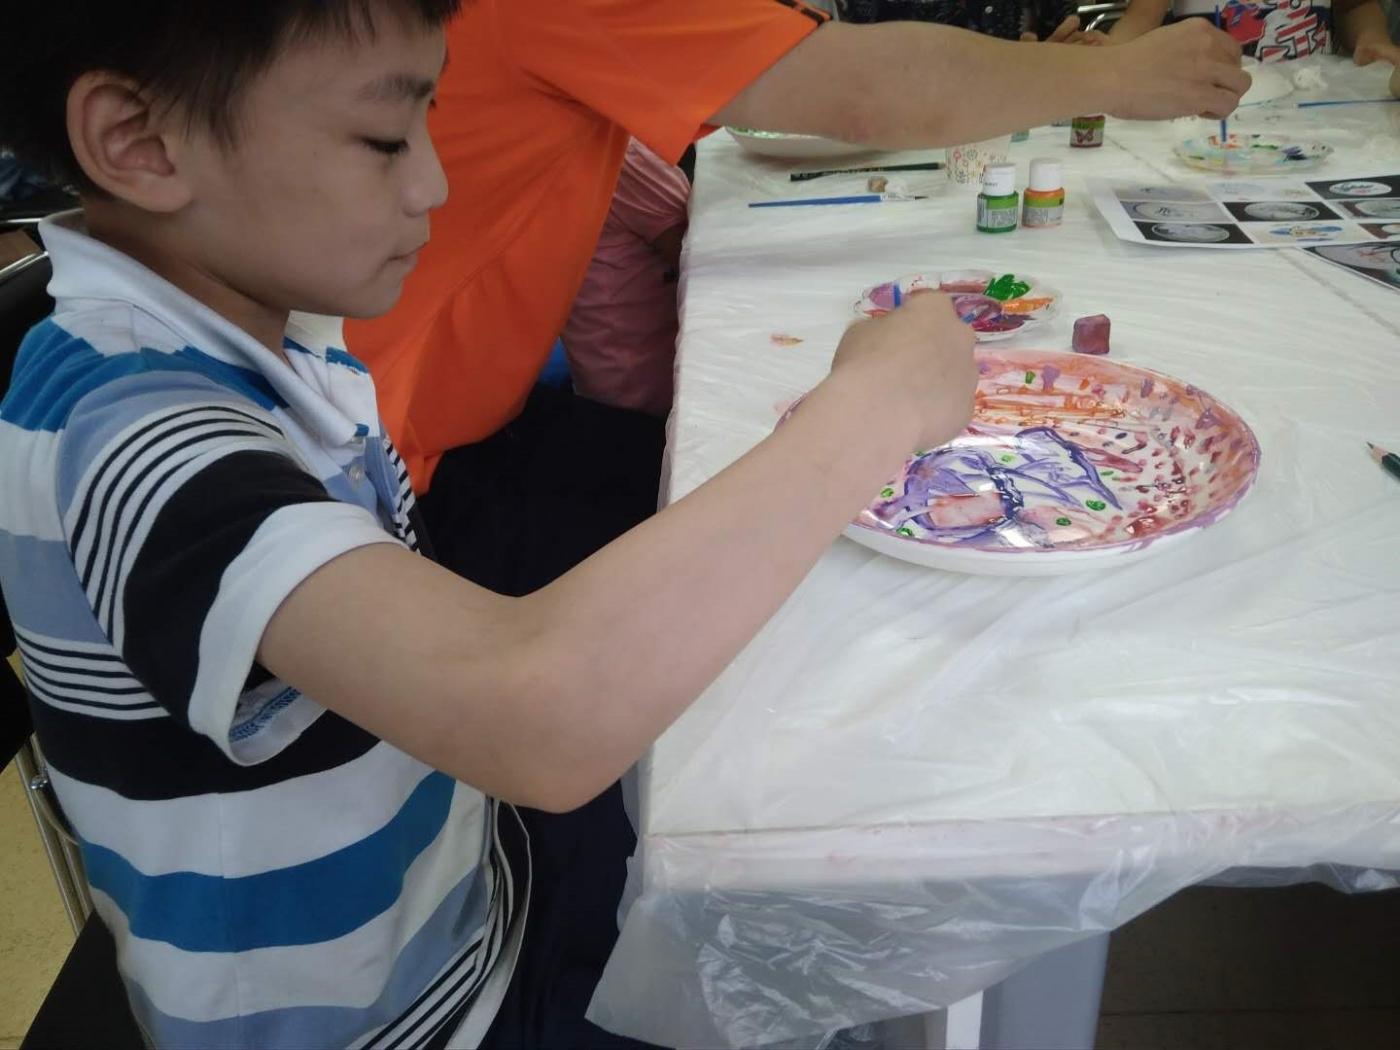 瓷盘彩色绘画_图1-24